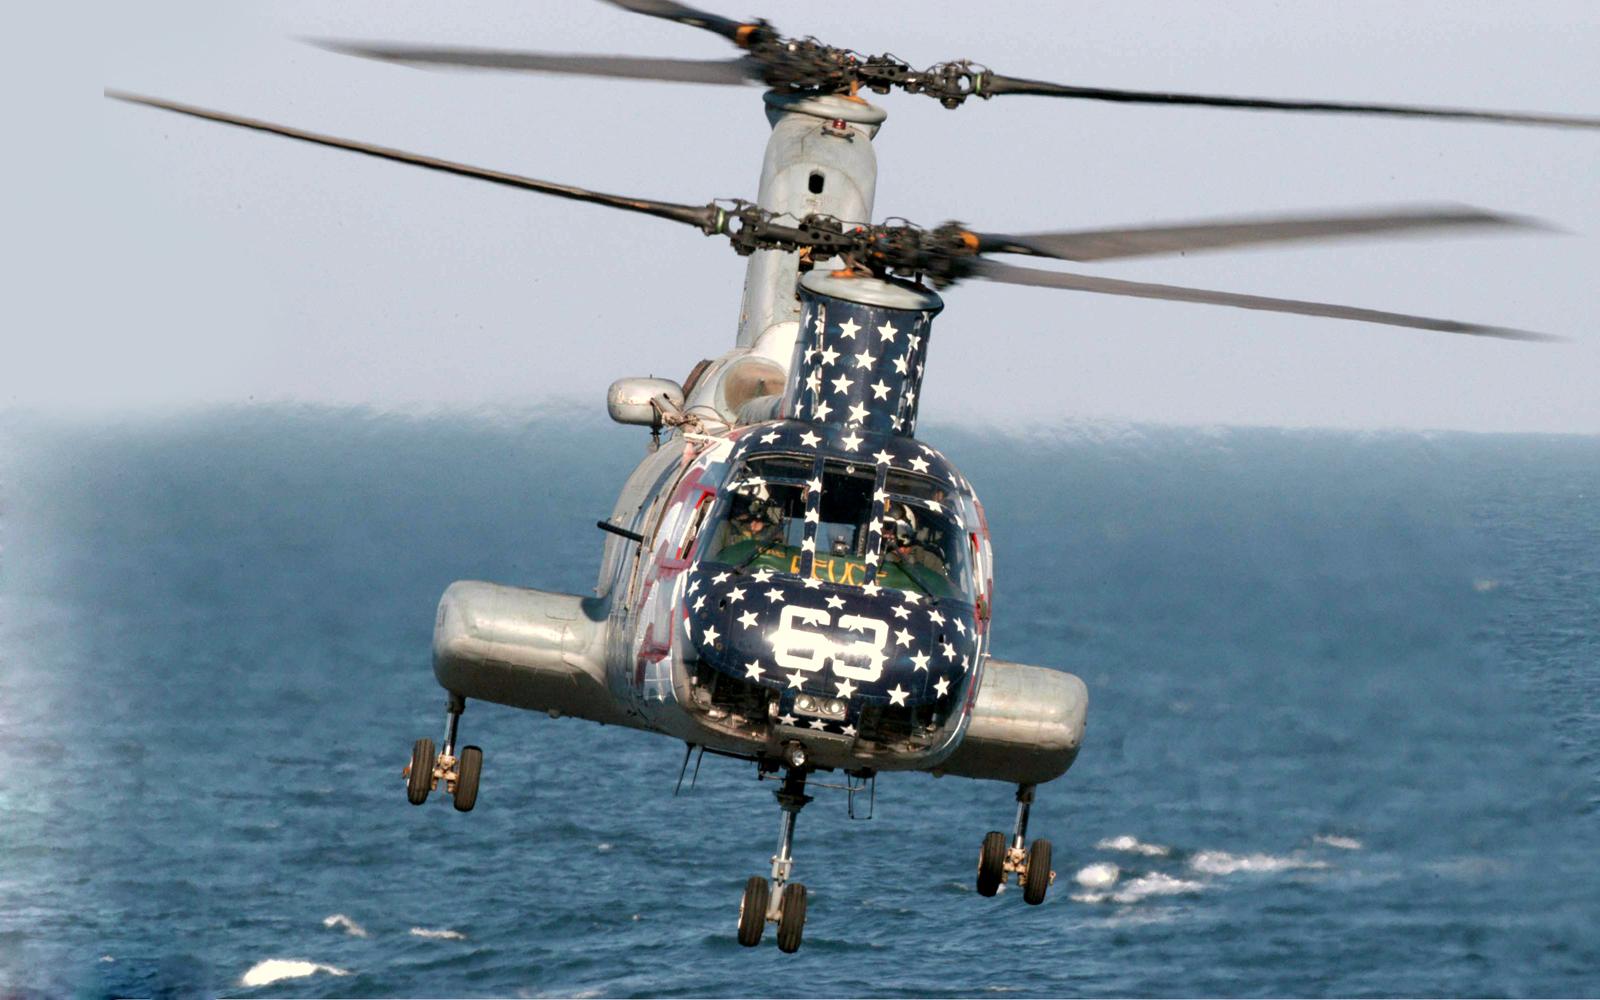 http://4.bp.blogspot.com/-XFKT7fJdlJo/T6lKkDAs17I/AAAAAAAACjw/2WW5QhD0bwc/s1600/CH-46+Sea+Knight+Cargo+Helicopter+2.jpg